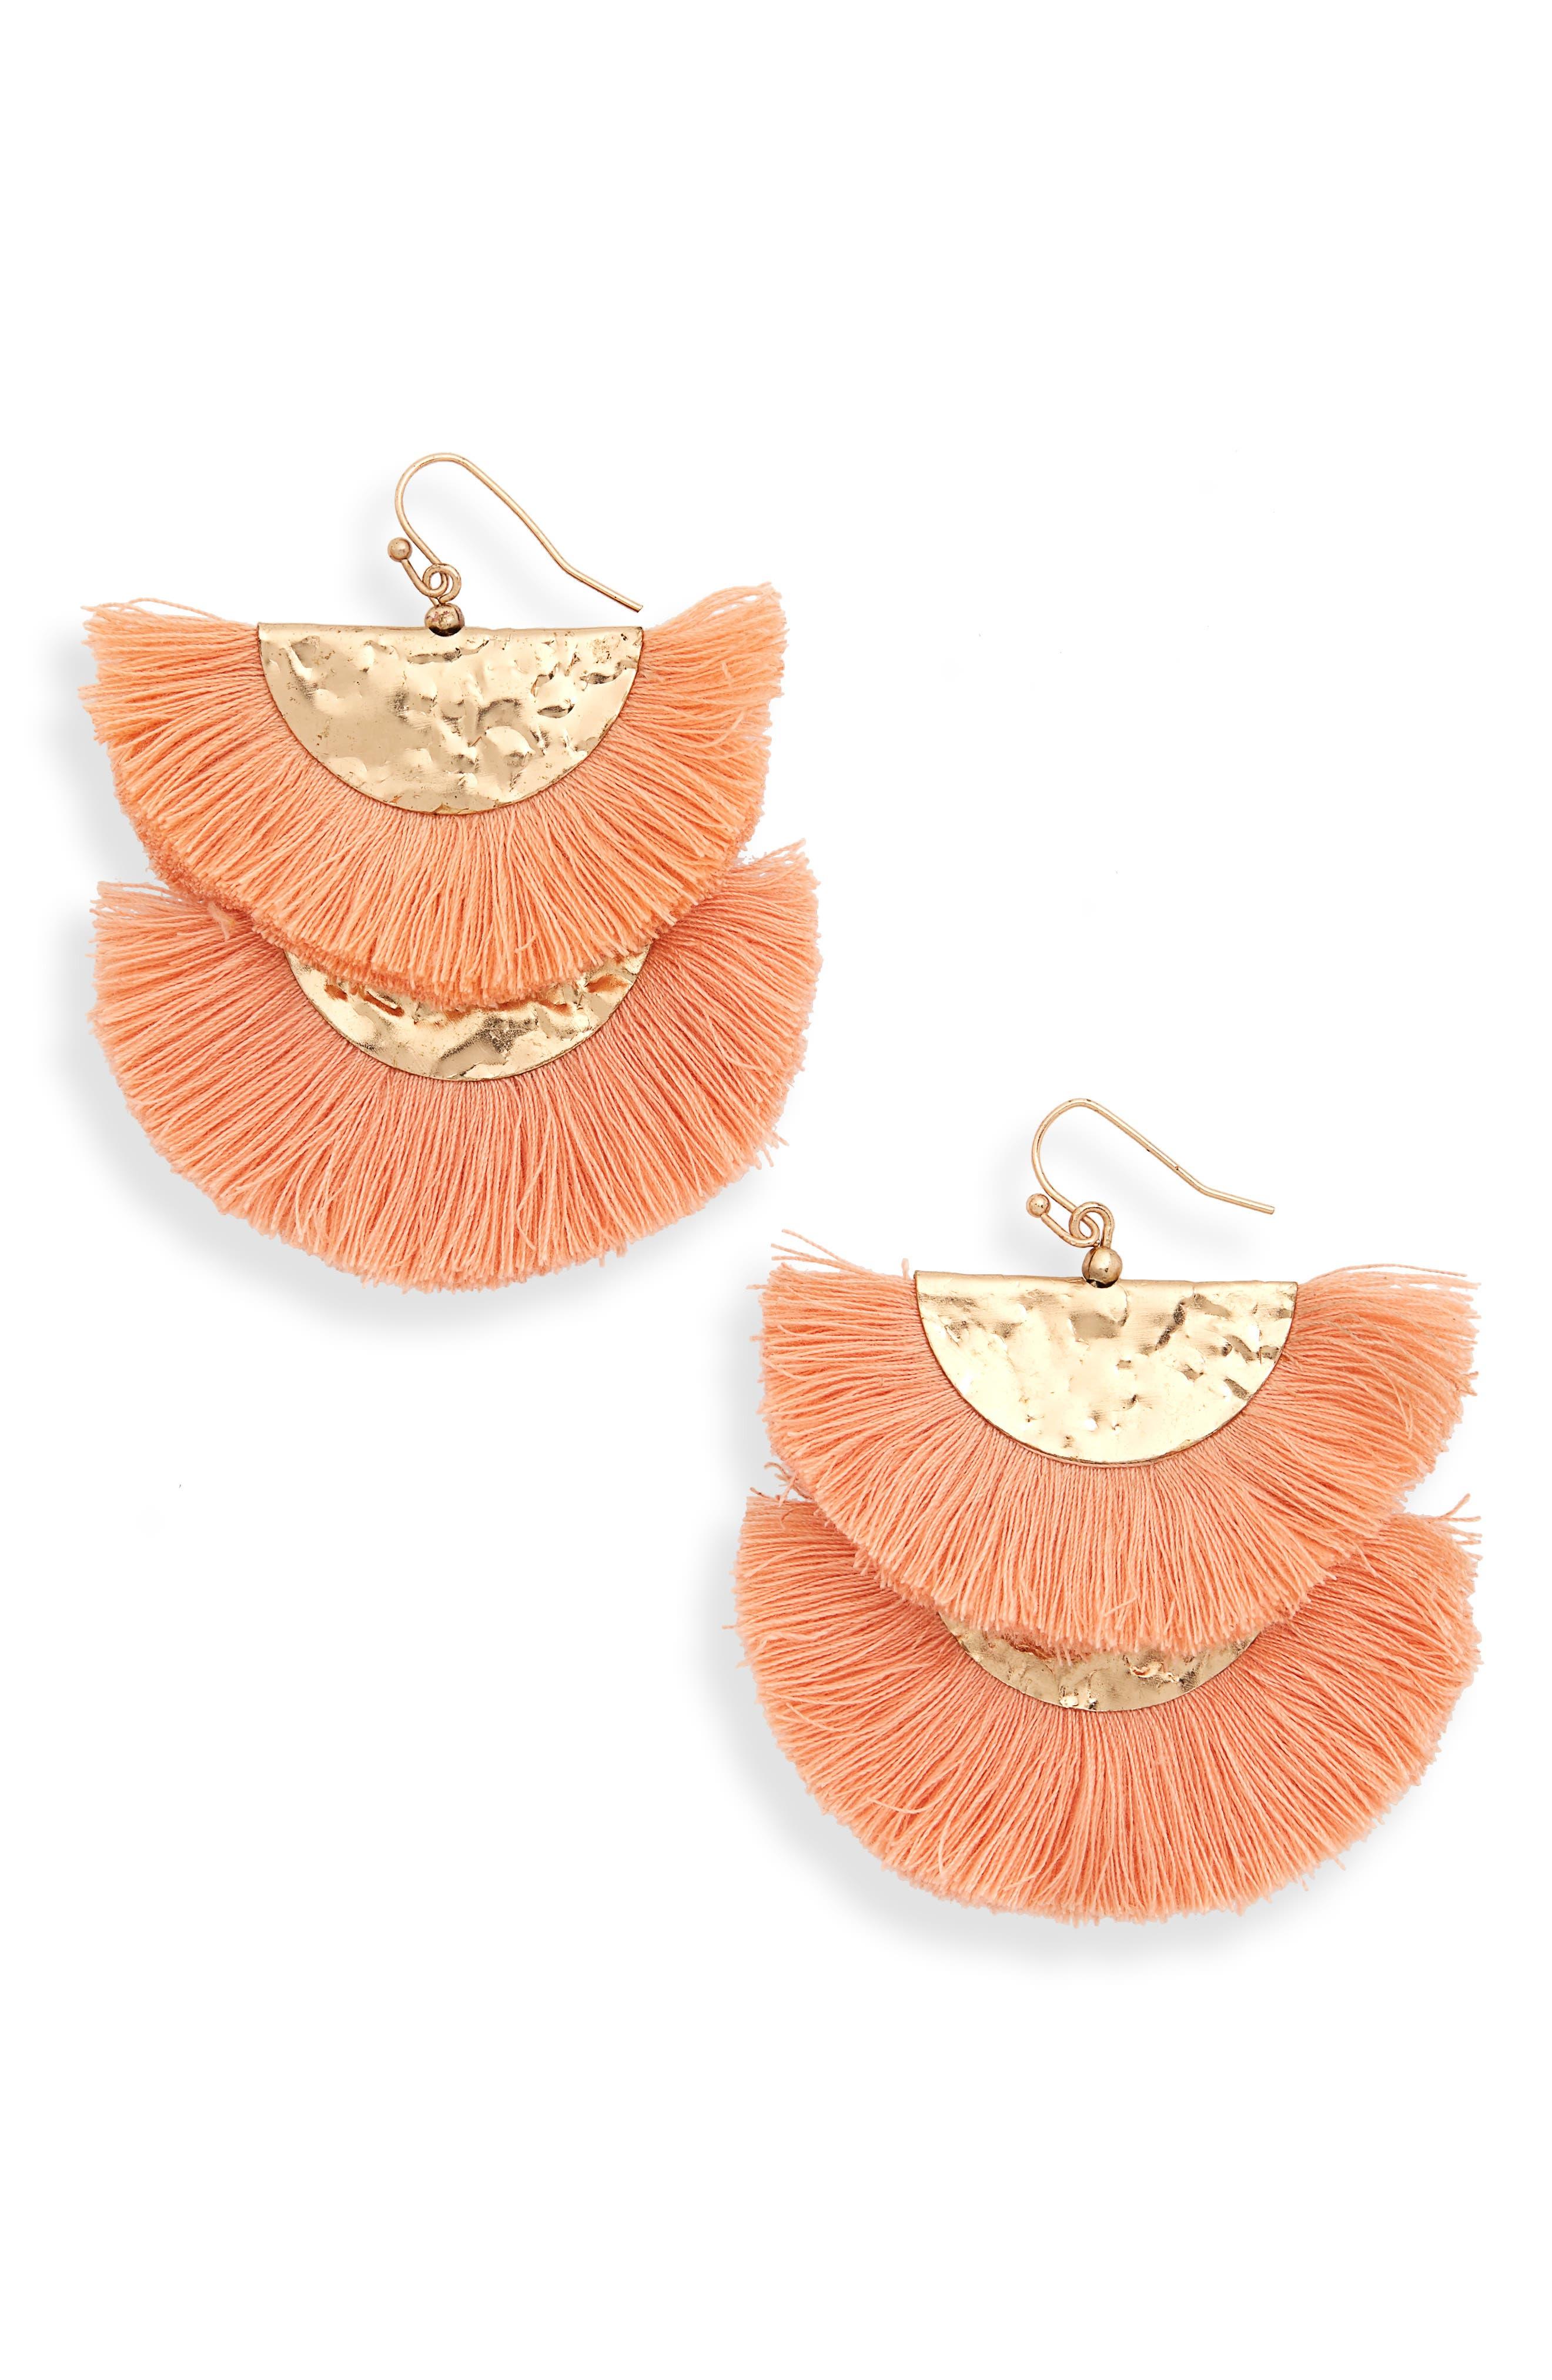 Two Tier Fan Earrings,                             Main thumbnail 1, color,                             800